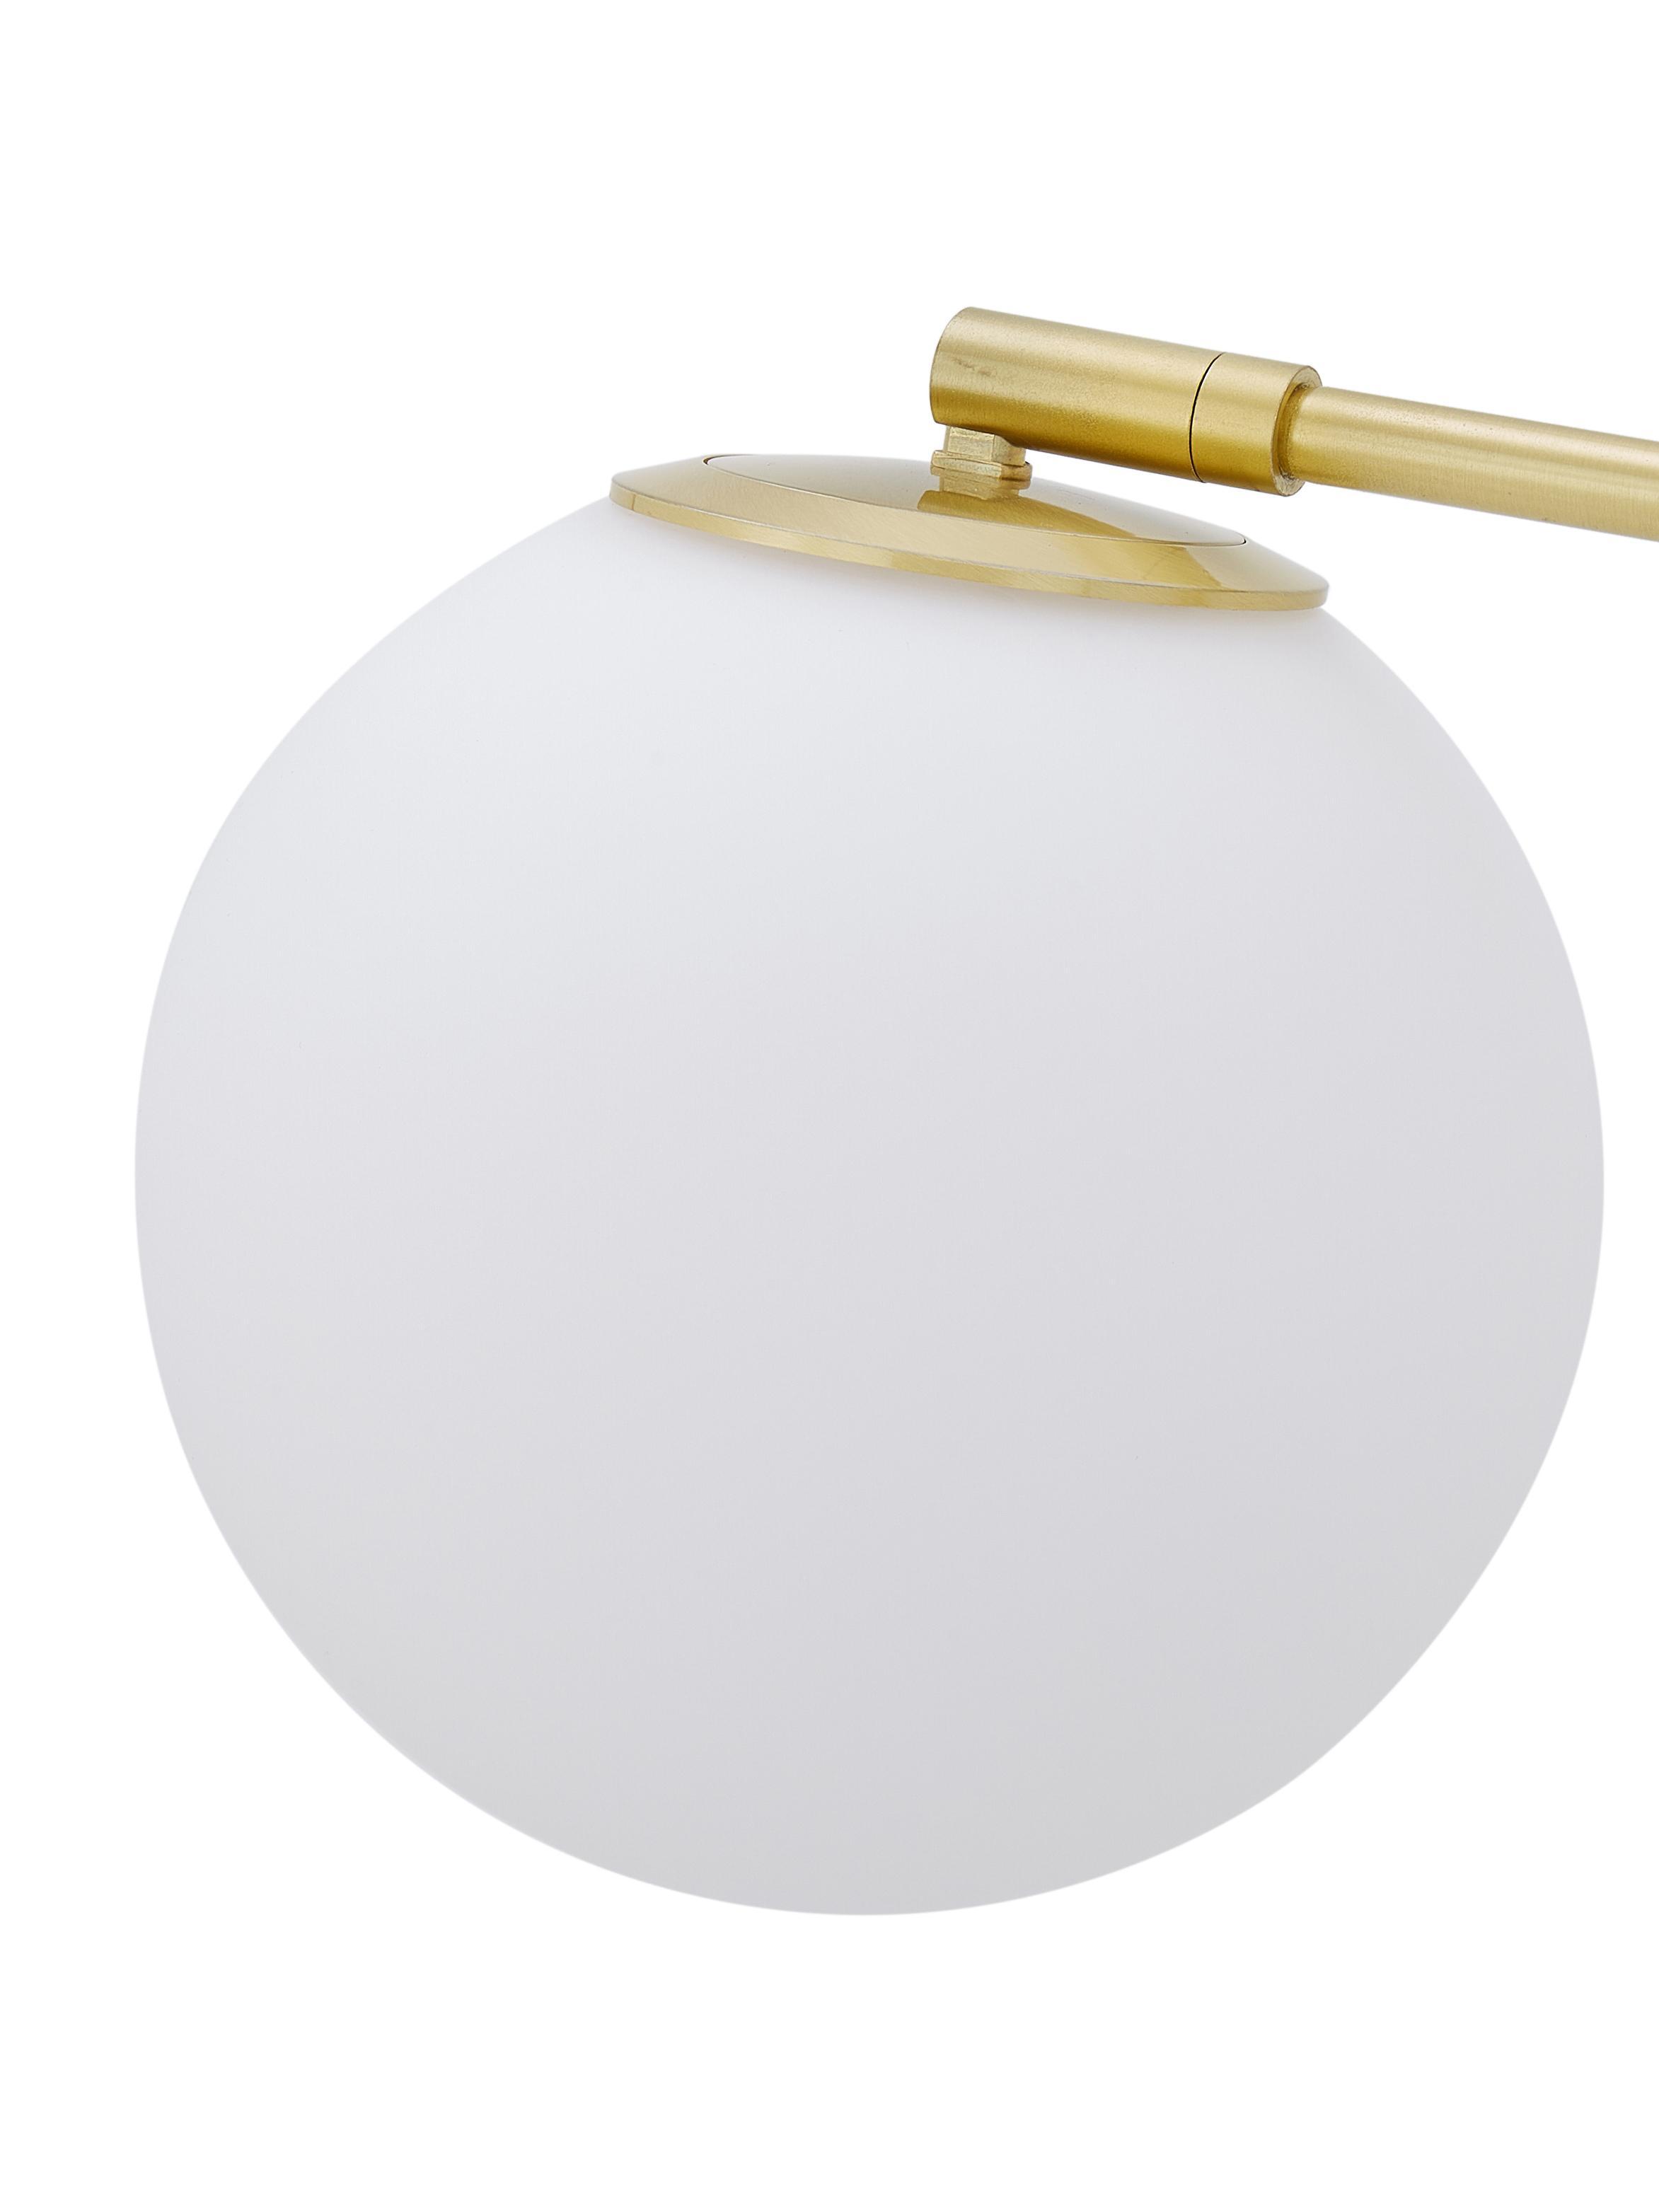 Stehleuchte Moon, Lampenschirm: Glas, Baldachin und Fassung: Messing, gebürstetLampenschirm: WeißKabel: Schwarz, Ø 17 x H 162 cm